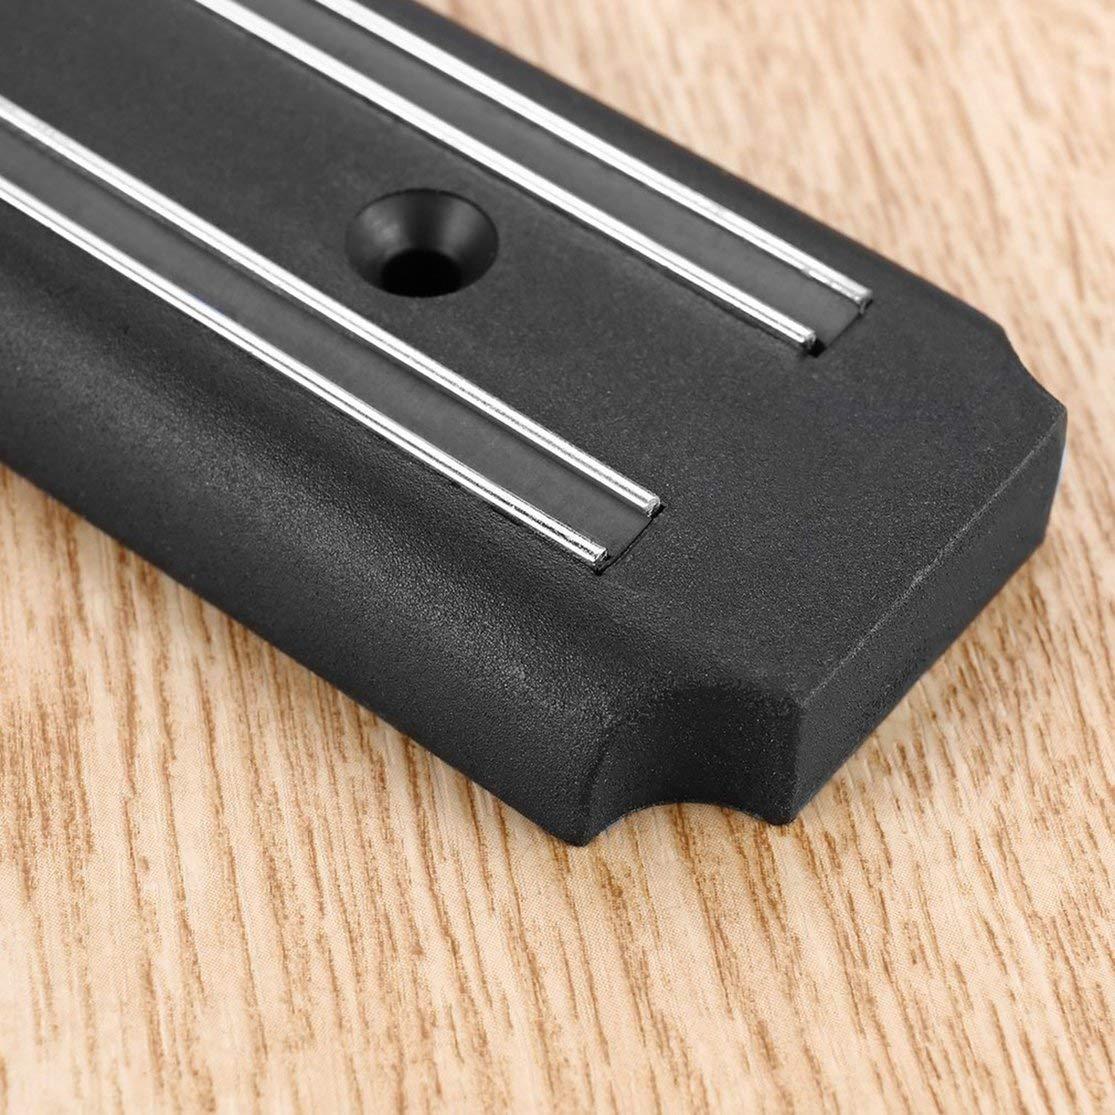 Soporte de almacenamiento de tijera de cuchillo magn/ético de pared Organizador de tira de im/án Herramientas de cocina pr/ácticas Organizador de barra de bar Organizador Kaemma Color:200/×50/×16mm